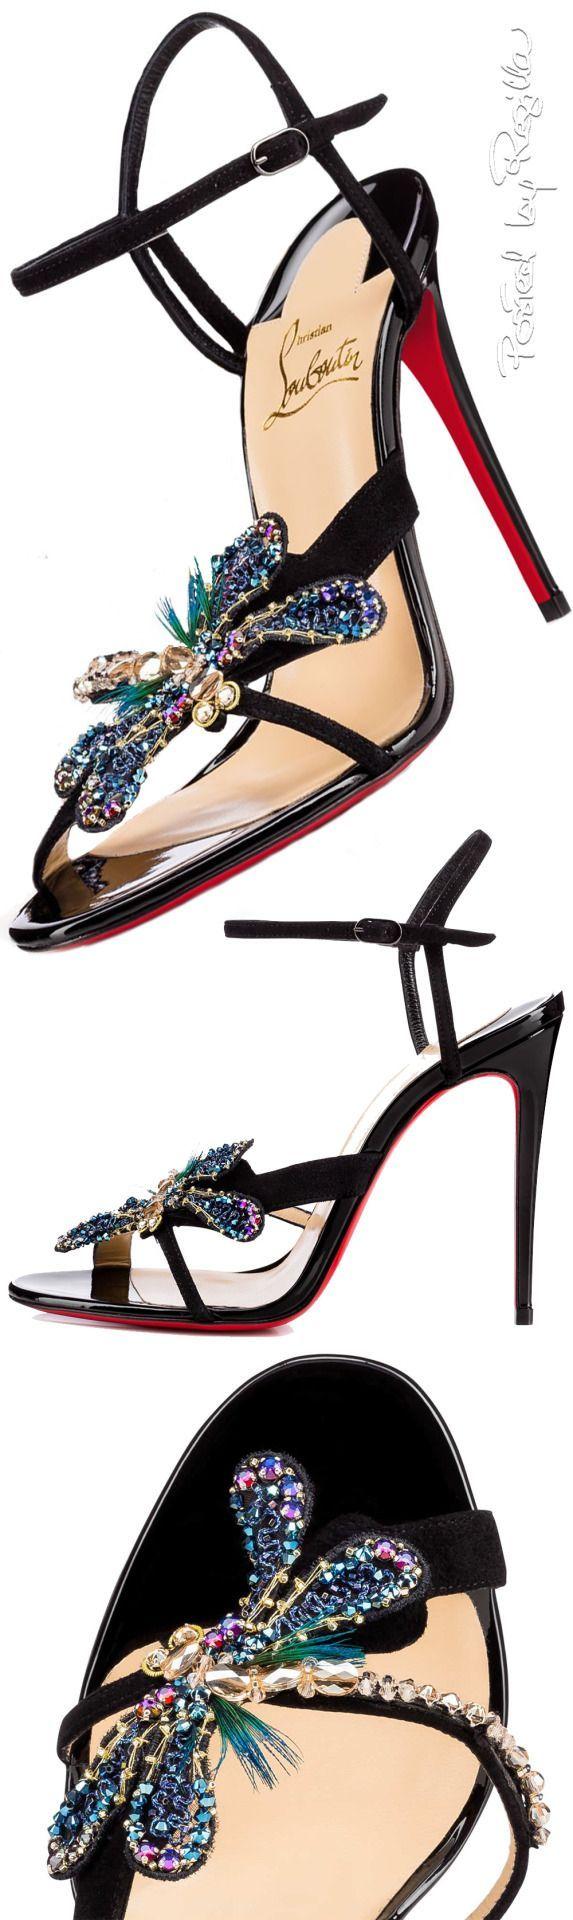 Christian Louboutin ~ Embellished Black Sandal Heels Supernatural Style